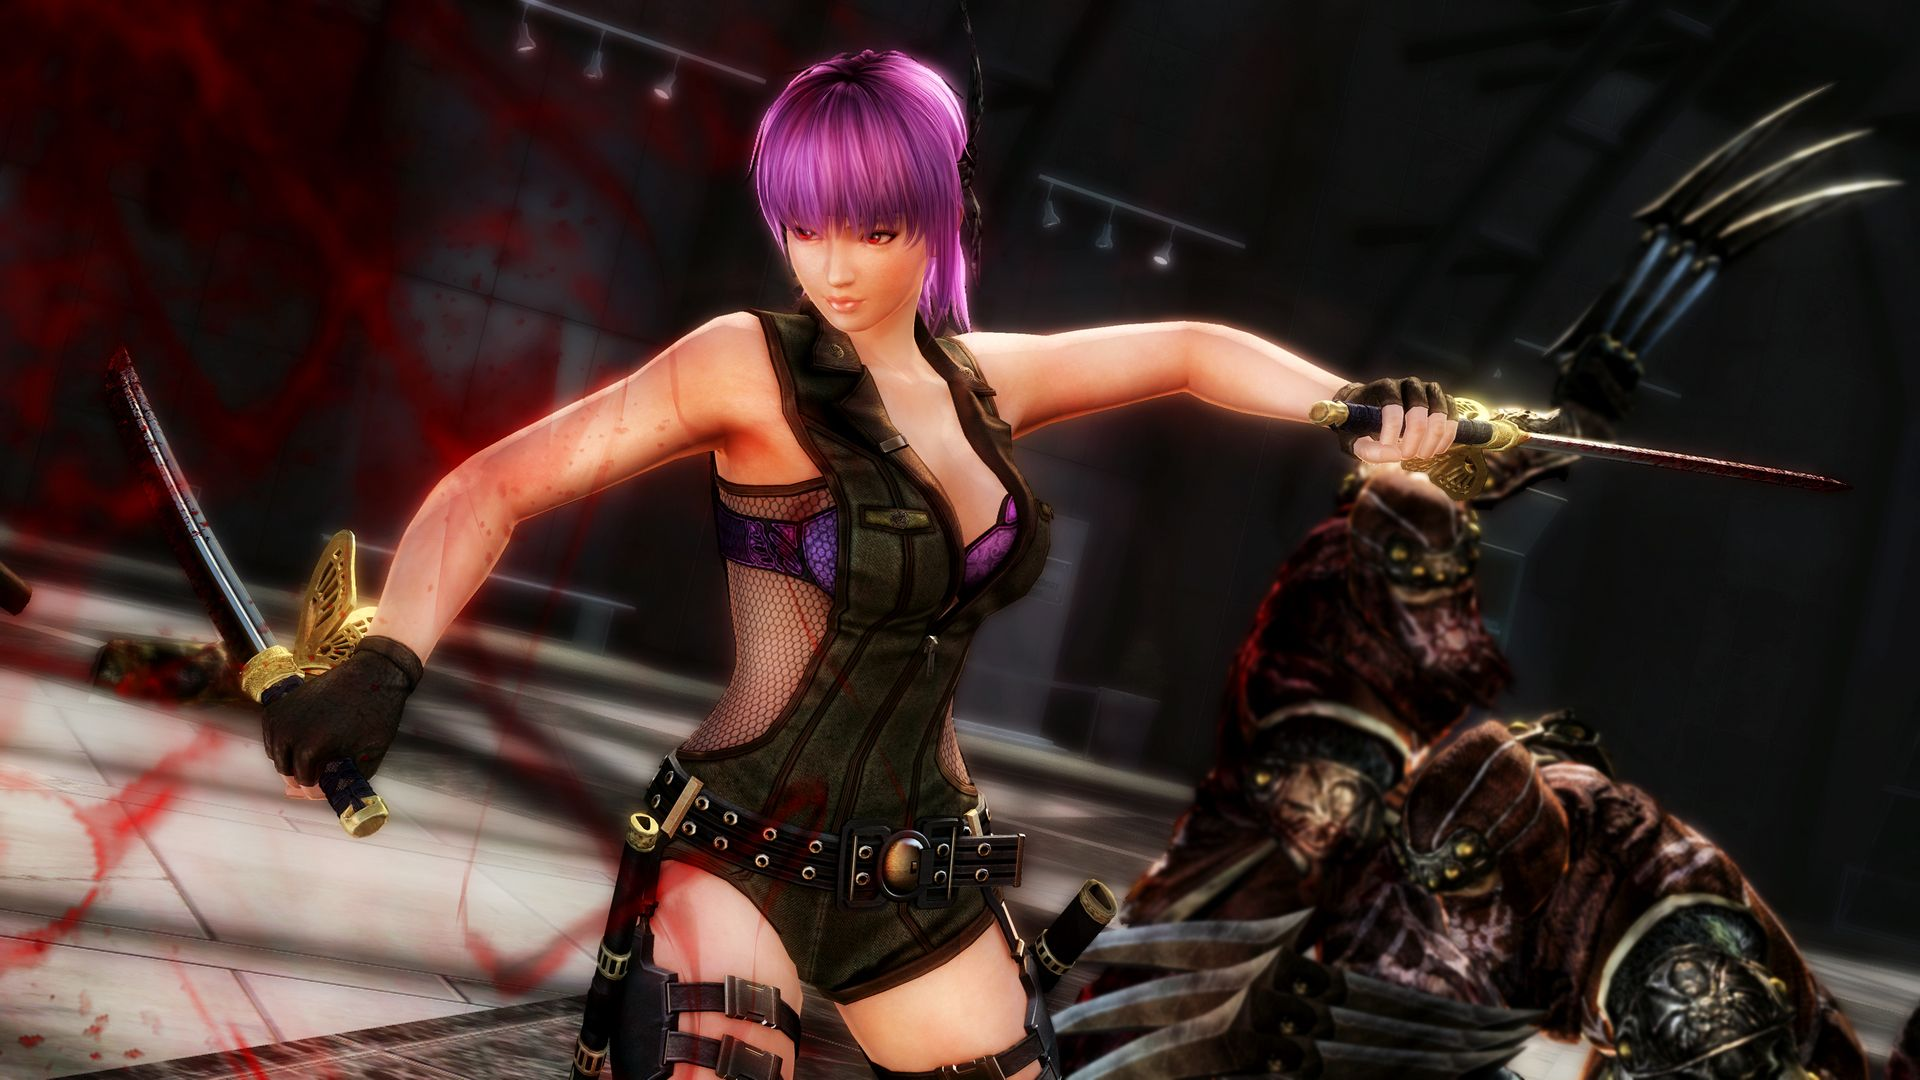 Natuto erotic games